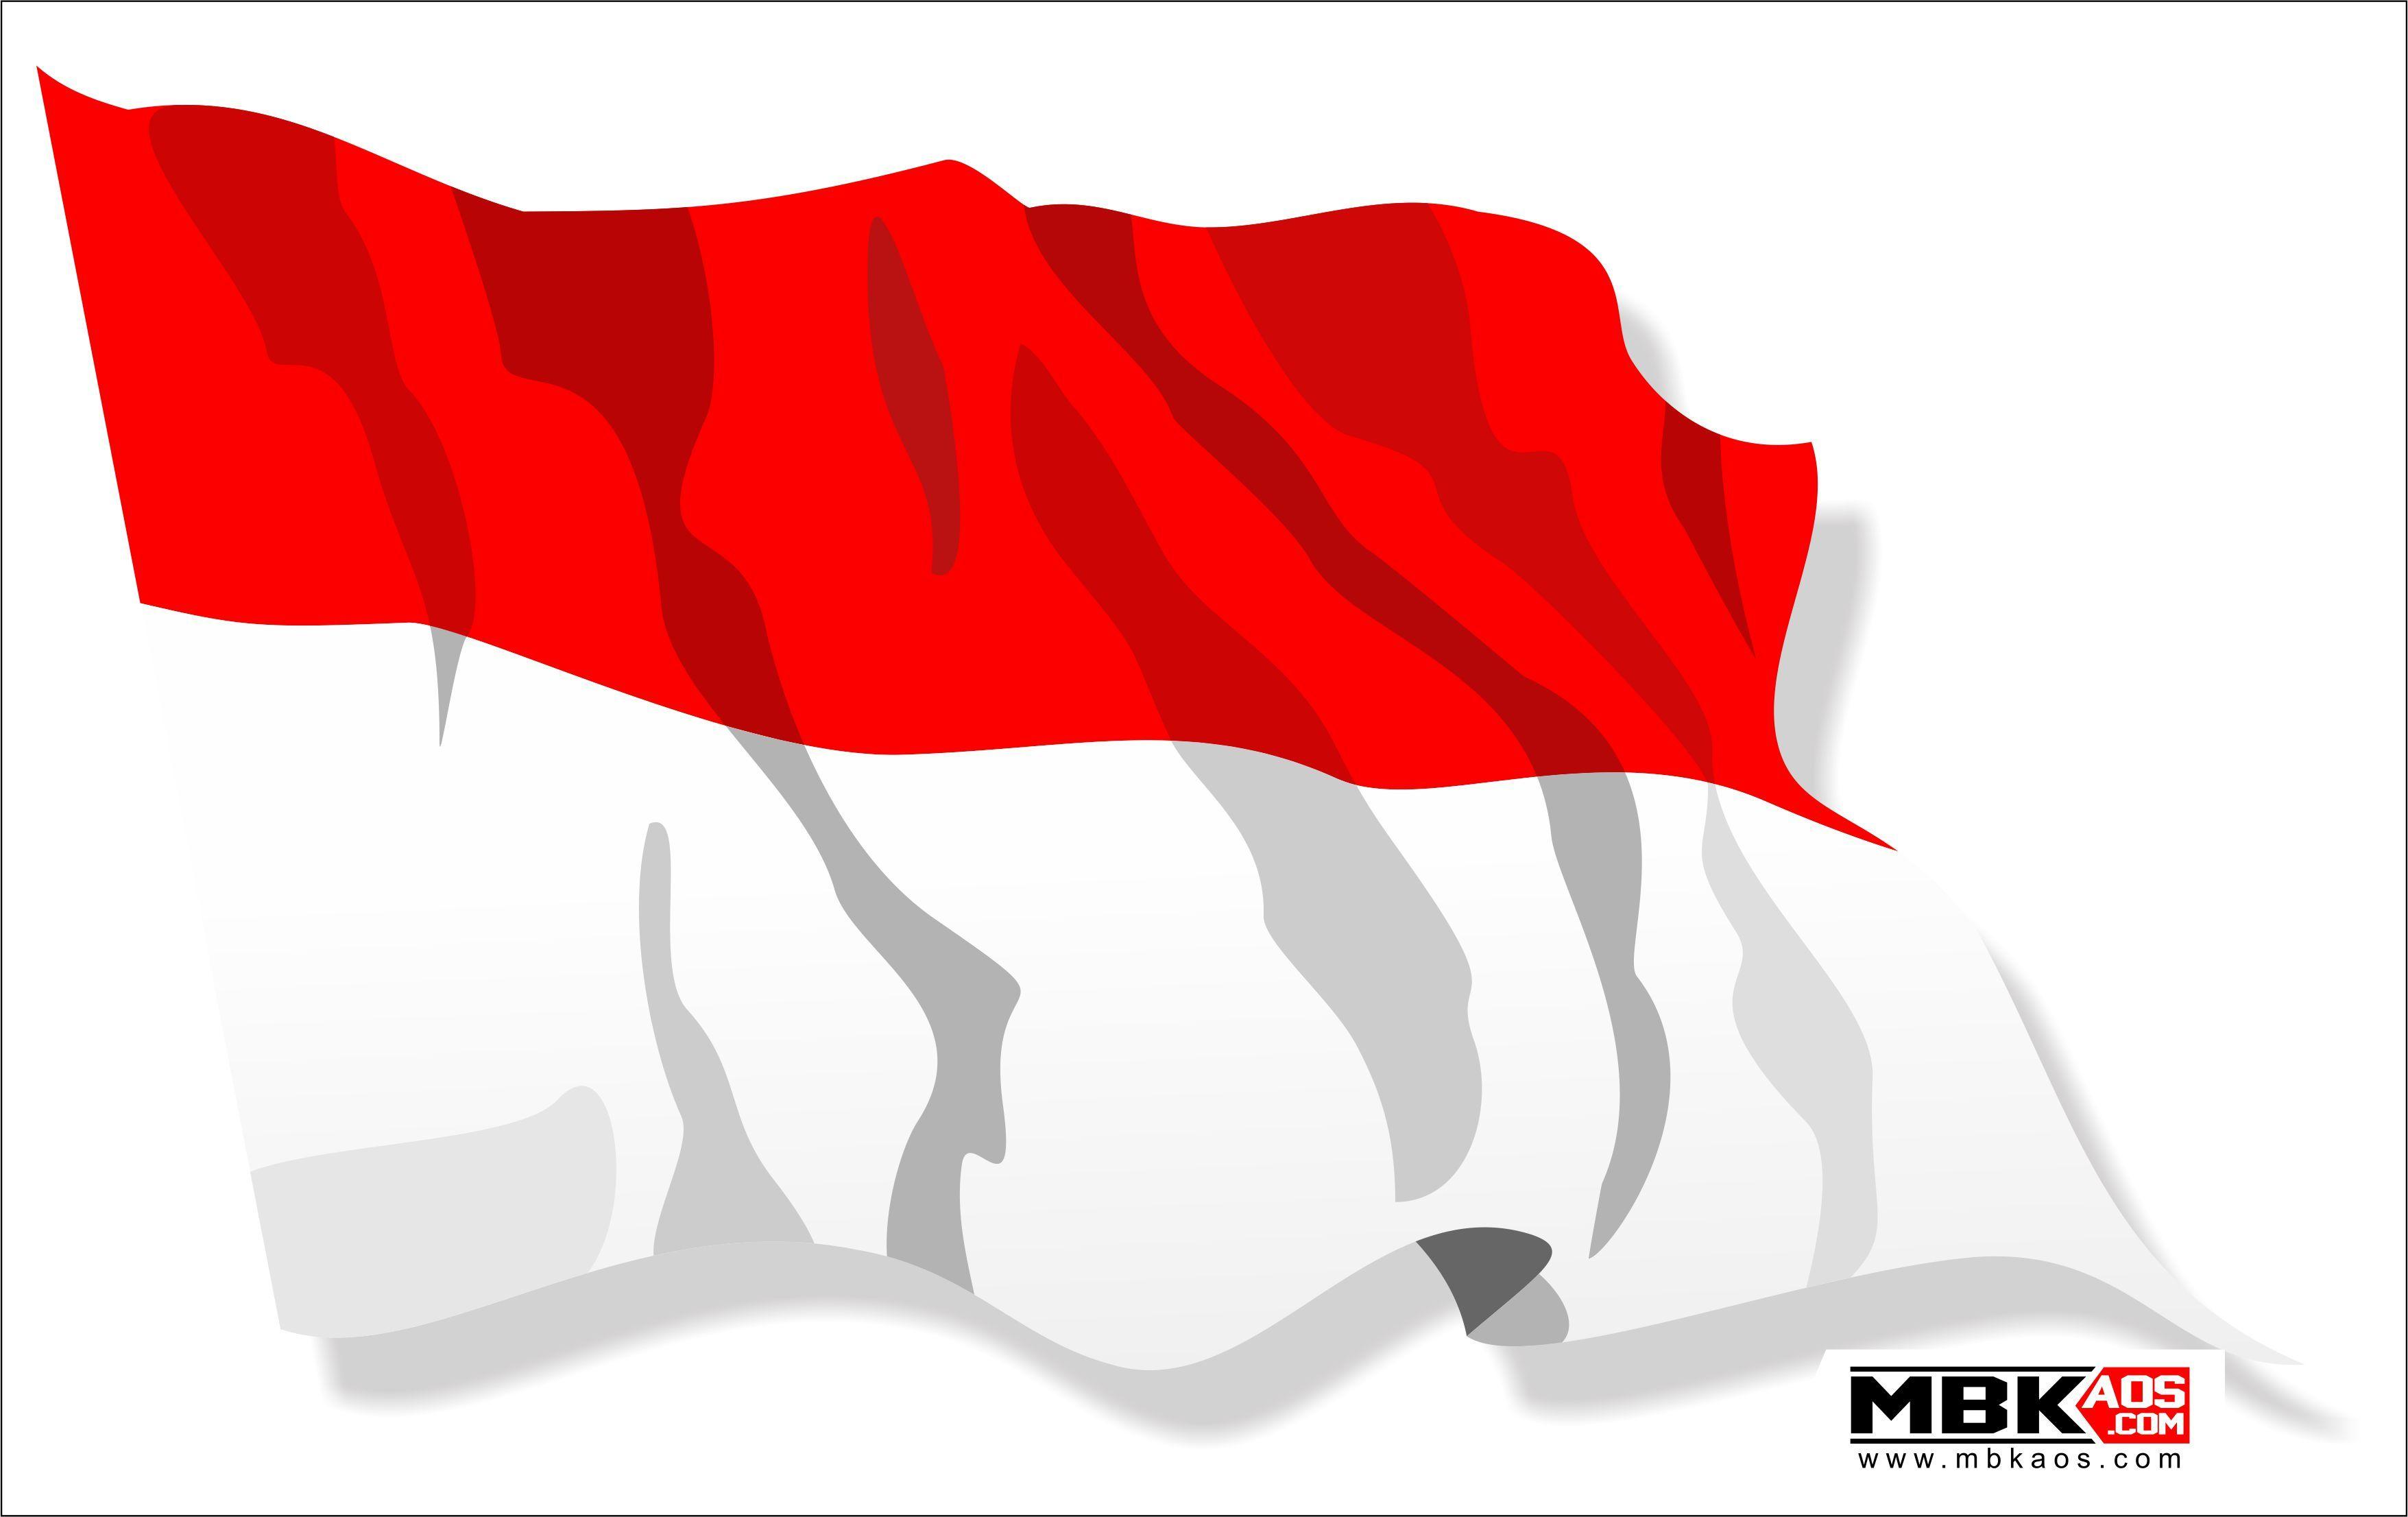 Bendera Merah Putih Vector Corel Draw Indonesian Flag Red.